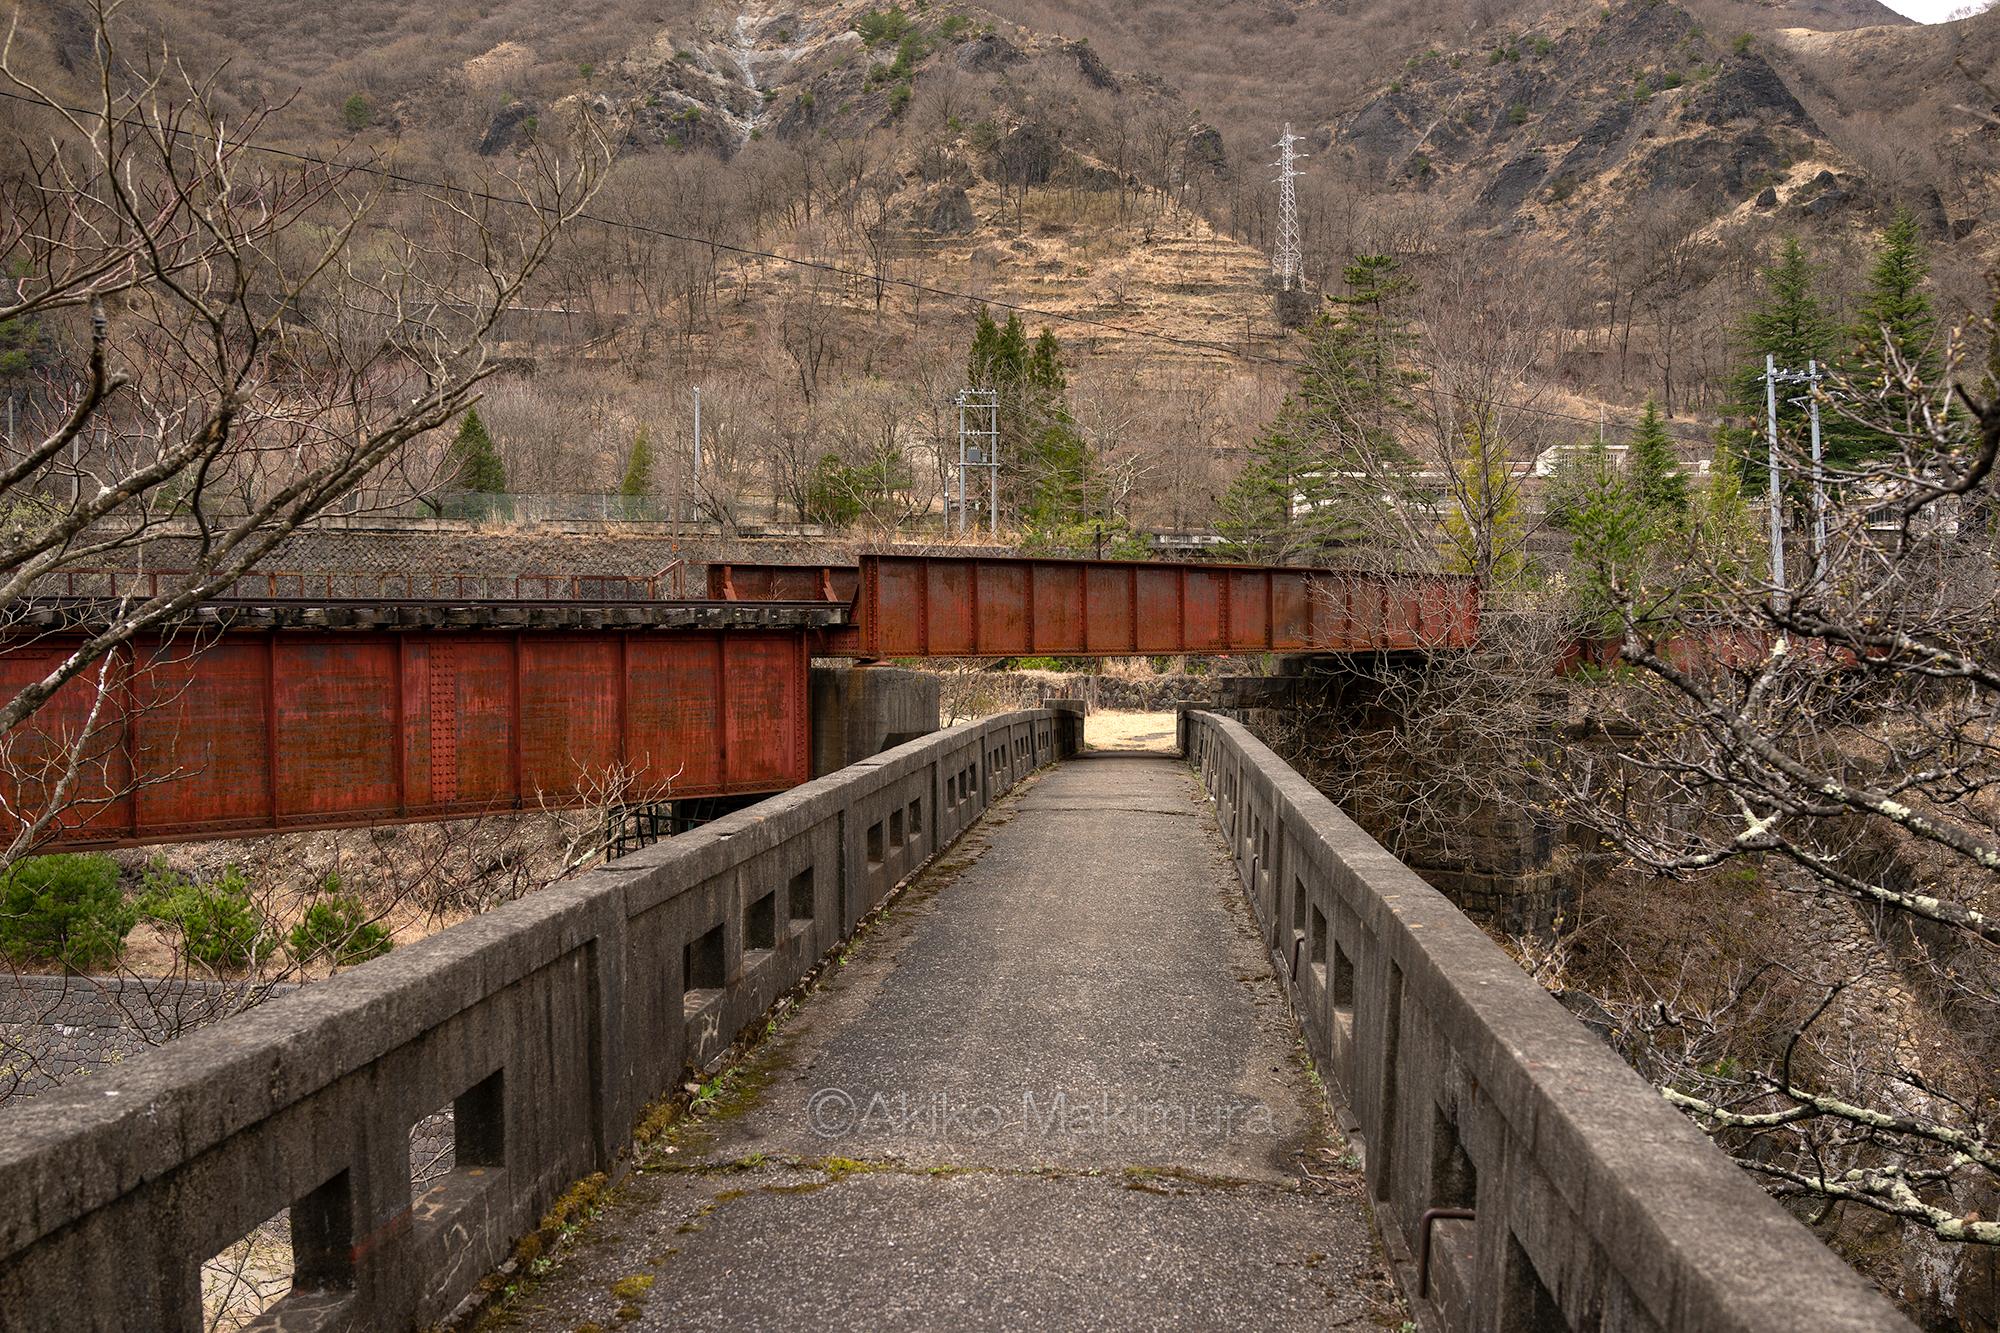 終点間藤駅の先、消えた貨物駅に続く廃線を追う わたらせ渓谷鉄道の旅10